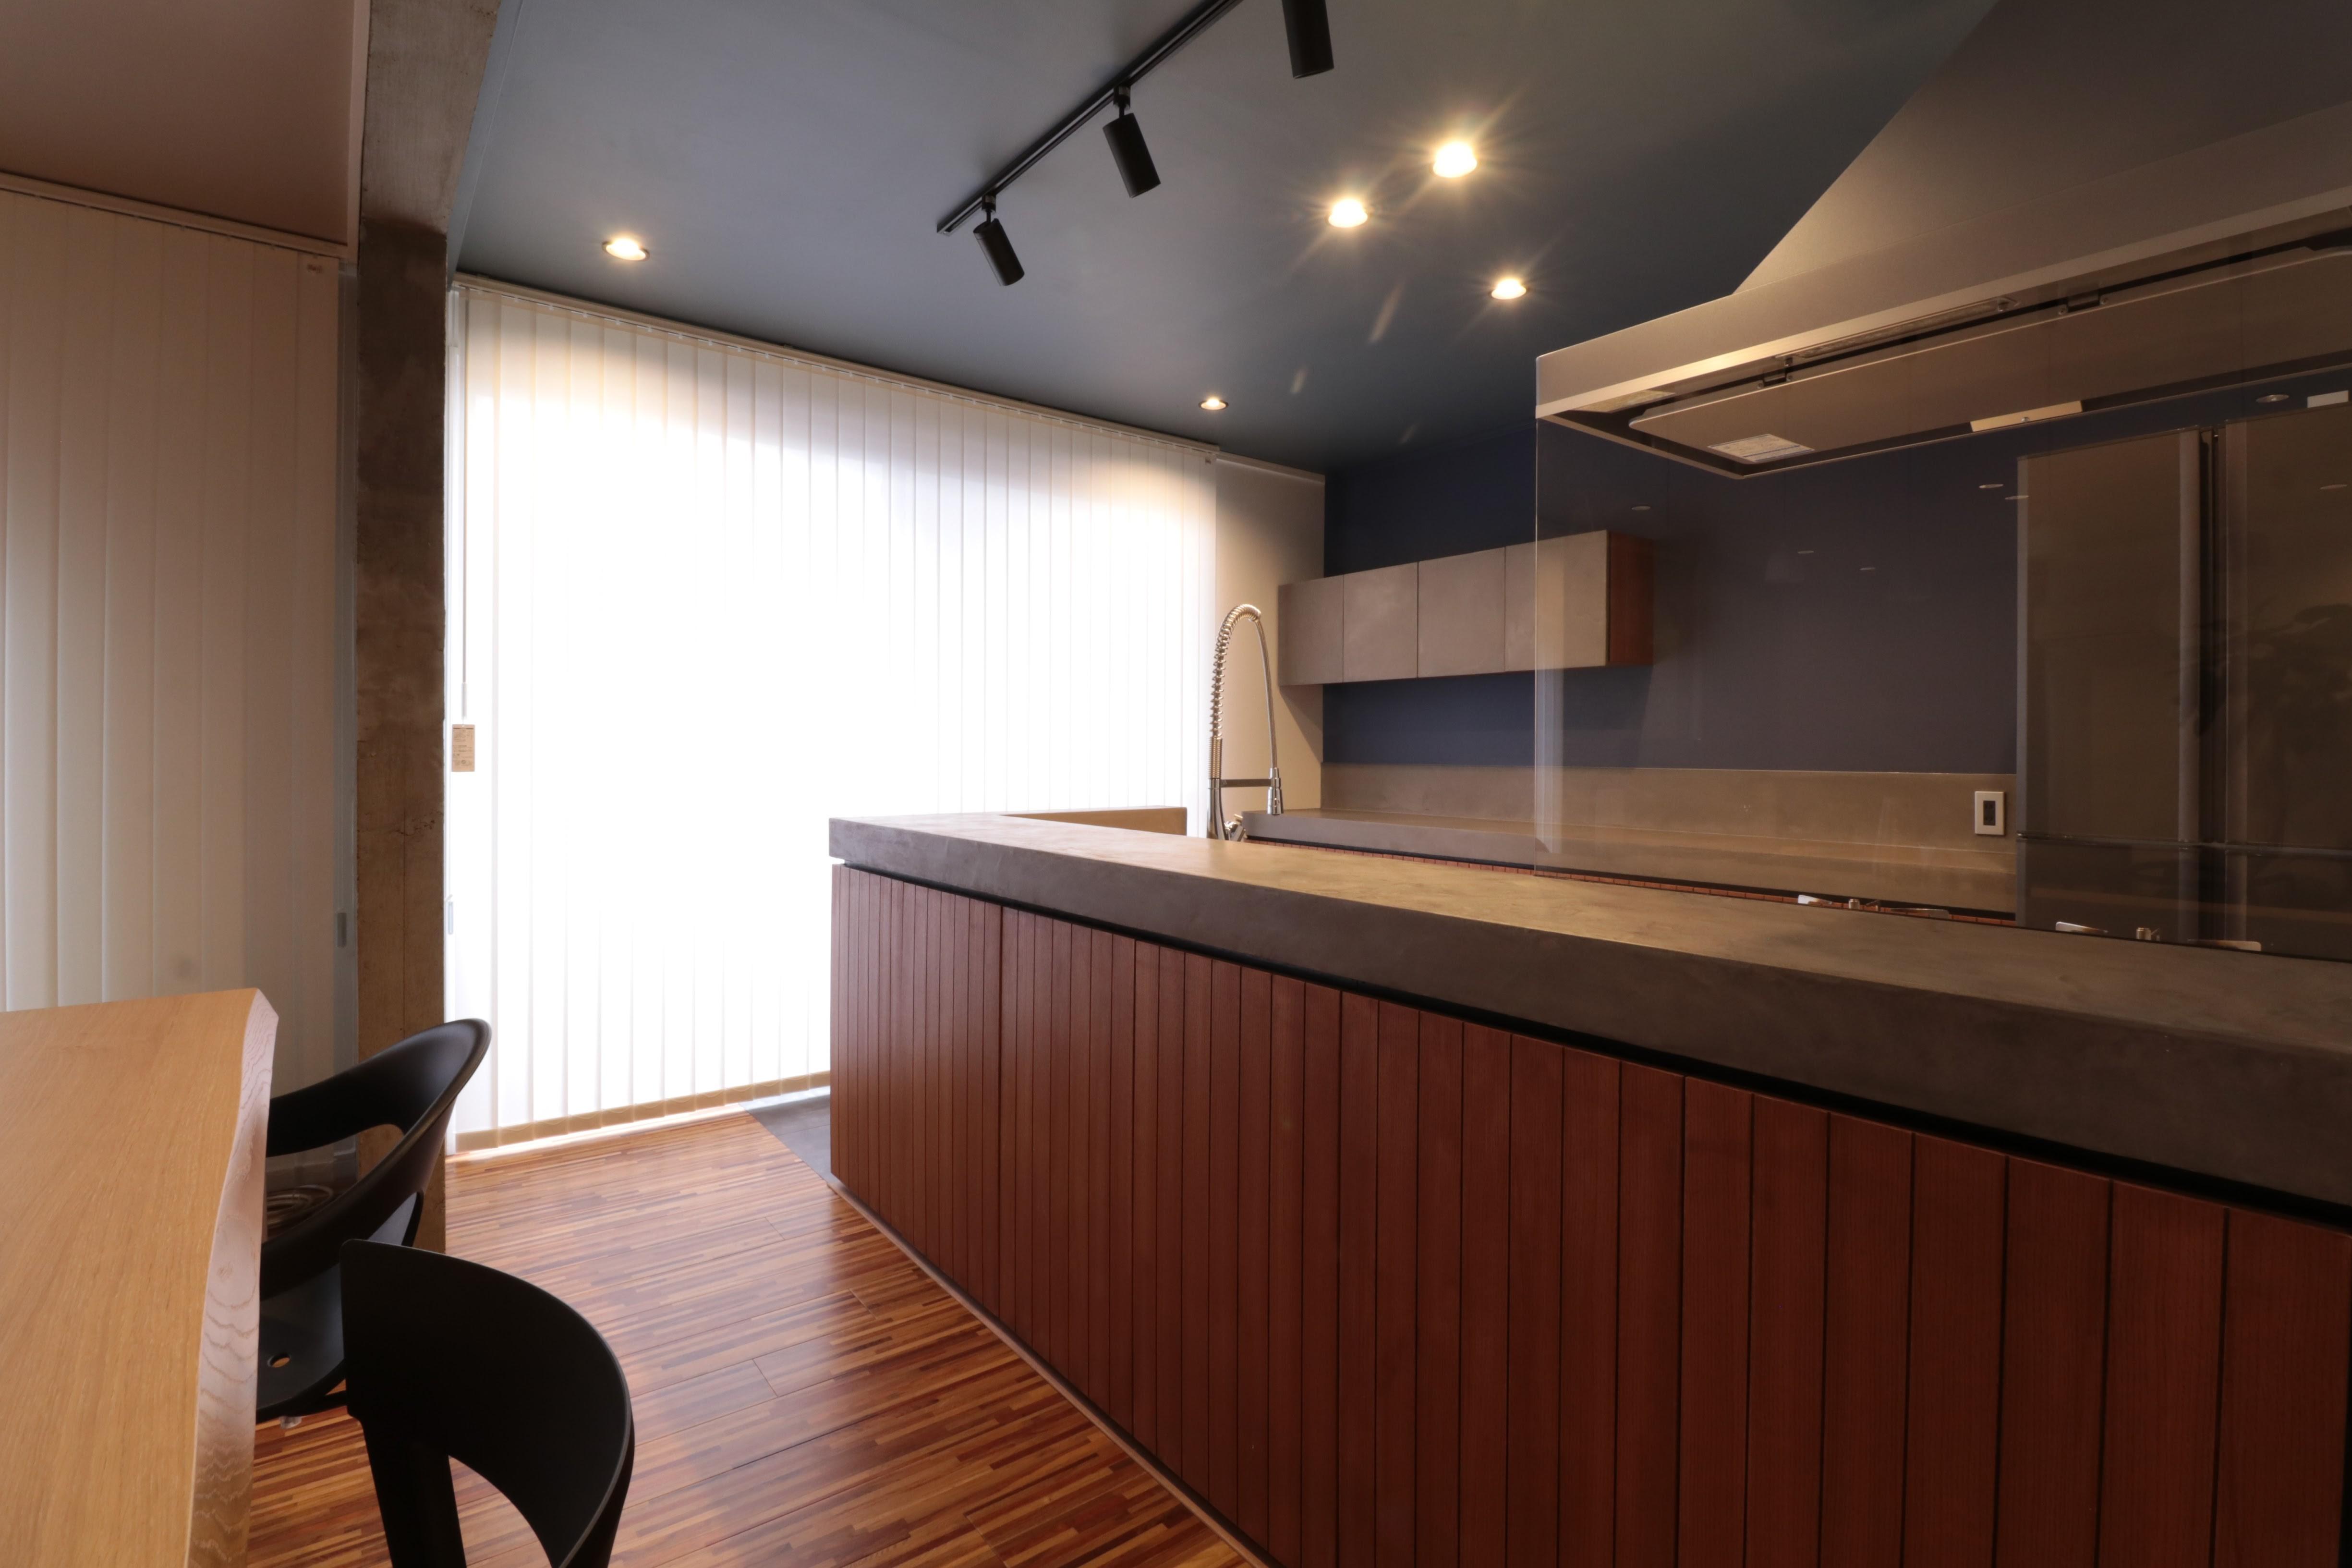 キッチン事例:キッチン(ホテルライクな戸建てリノベ)